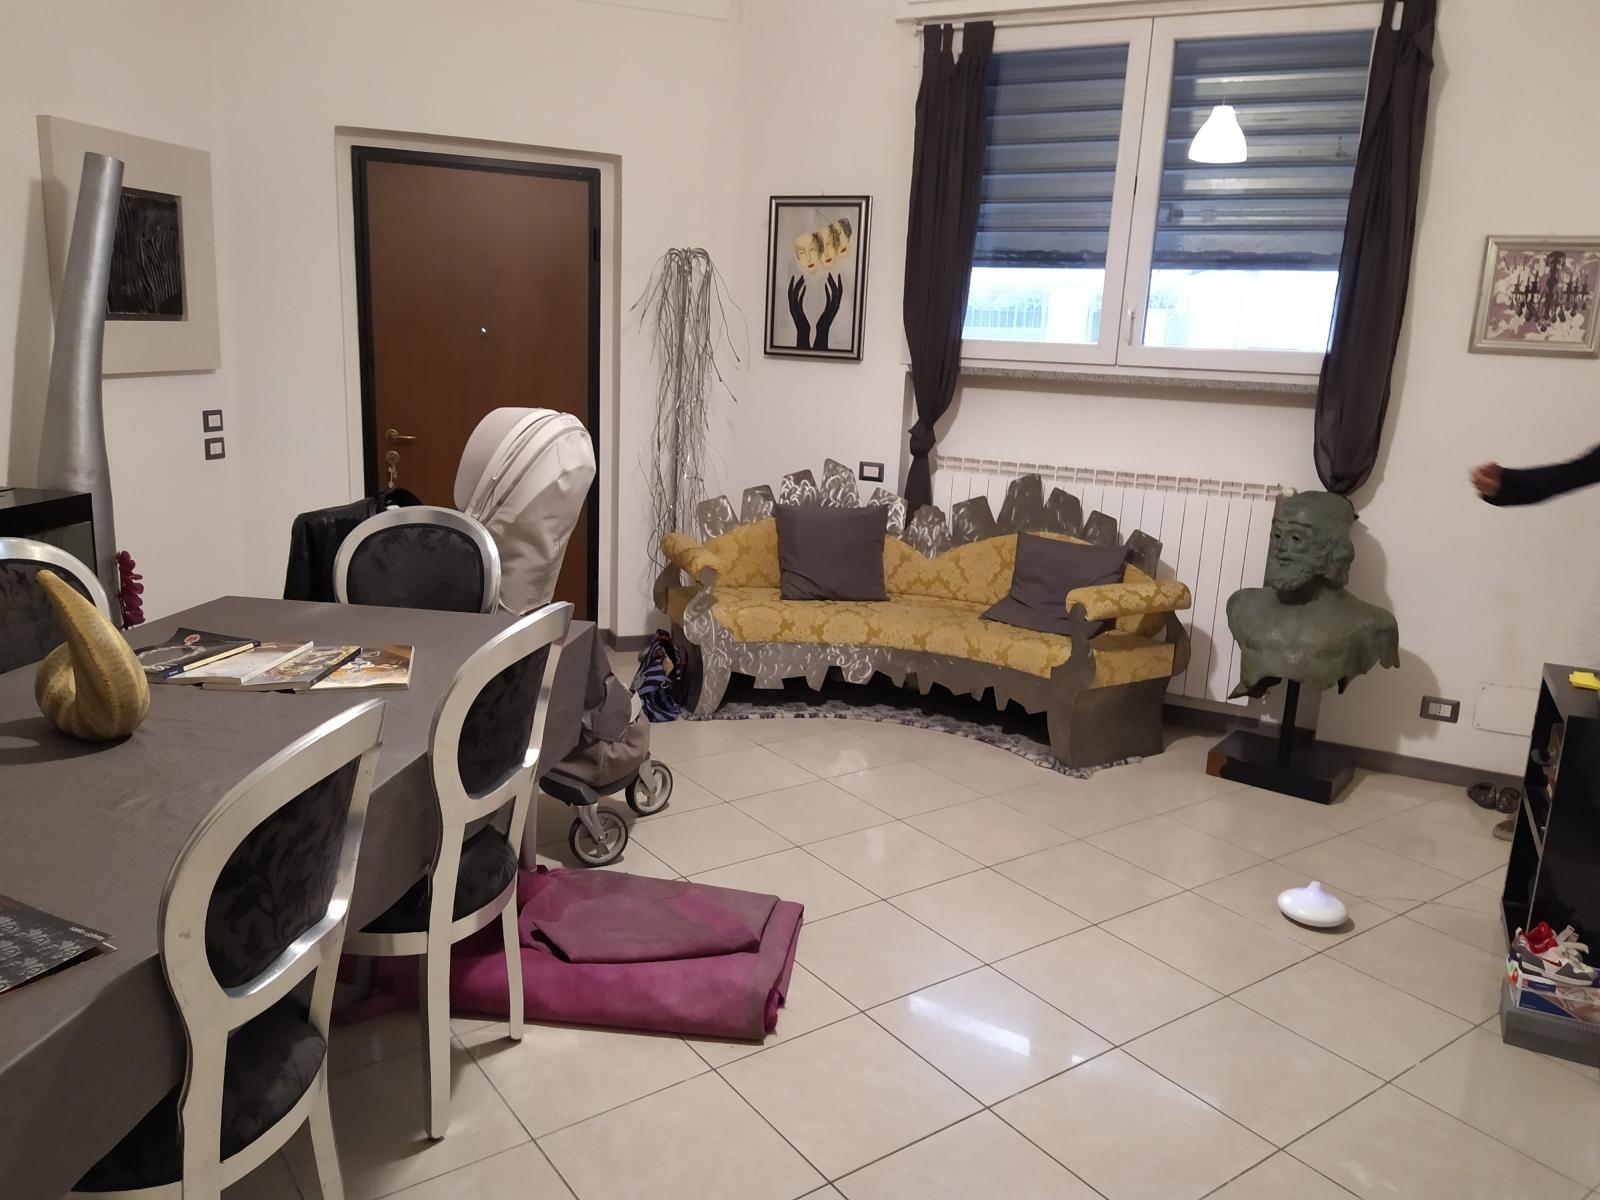 tre-locali-milano-ingresso-indipendente-spaziourbano-immobiliare-dove-trovi-casa-vendita-affare-12